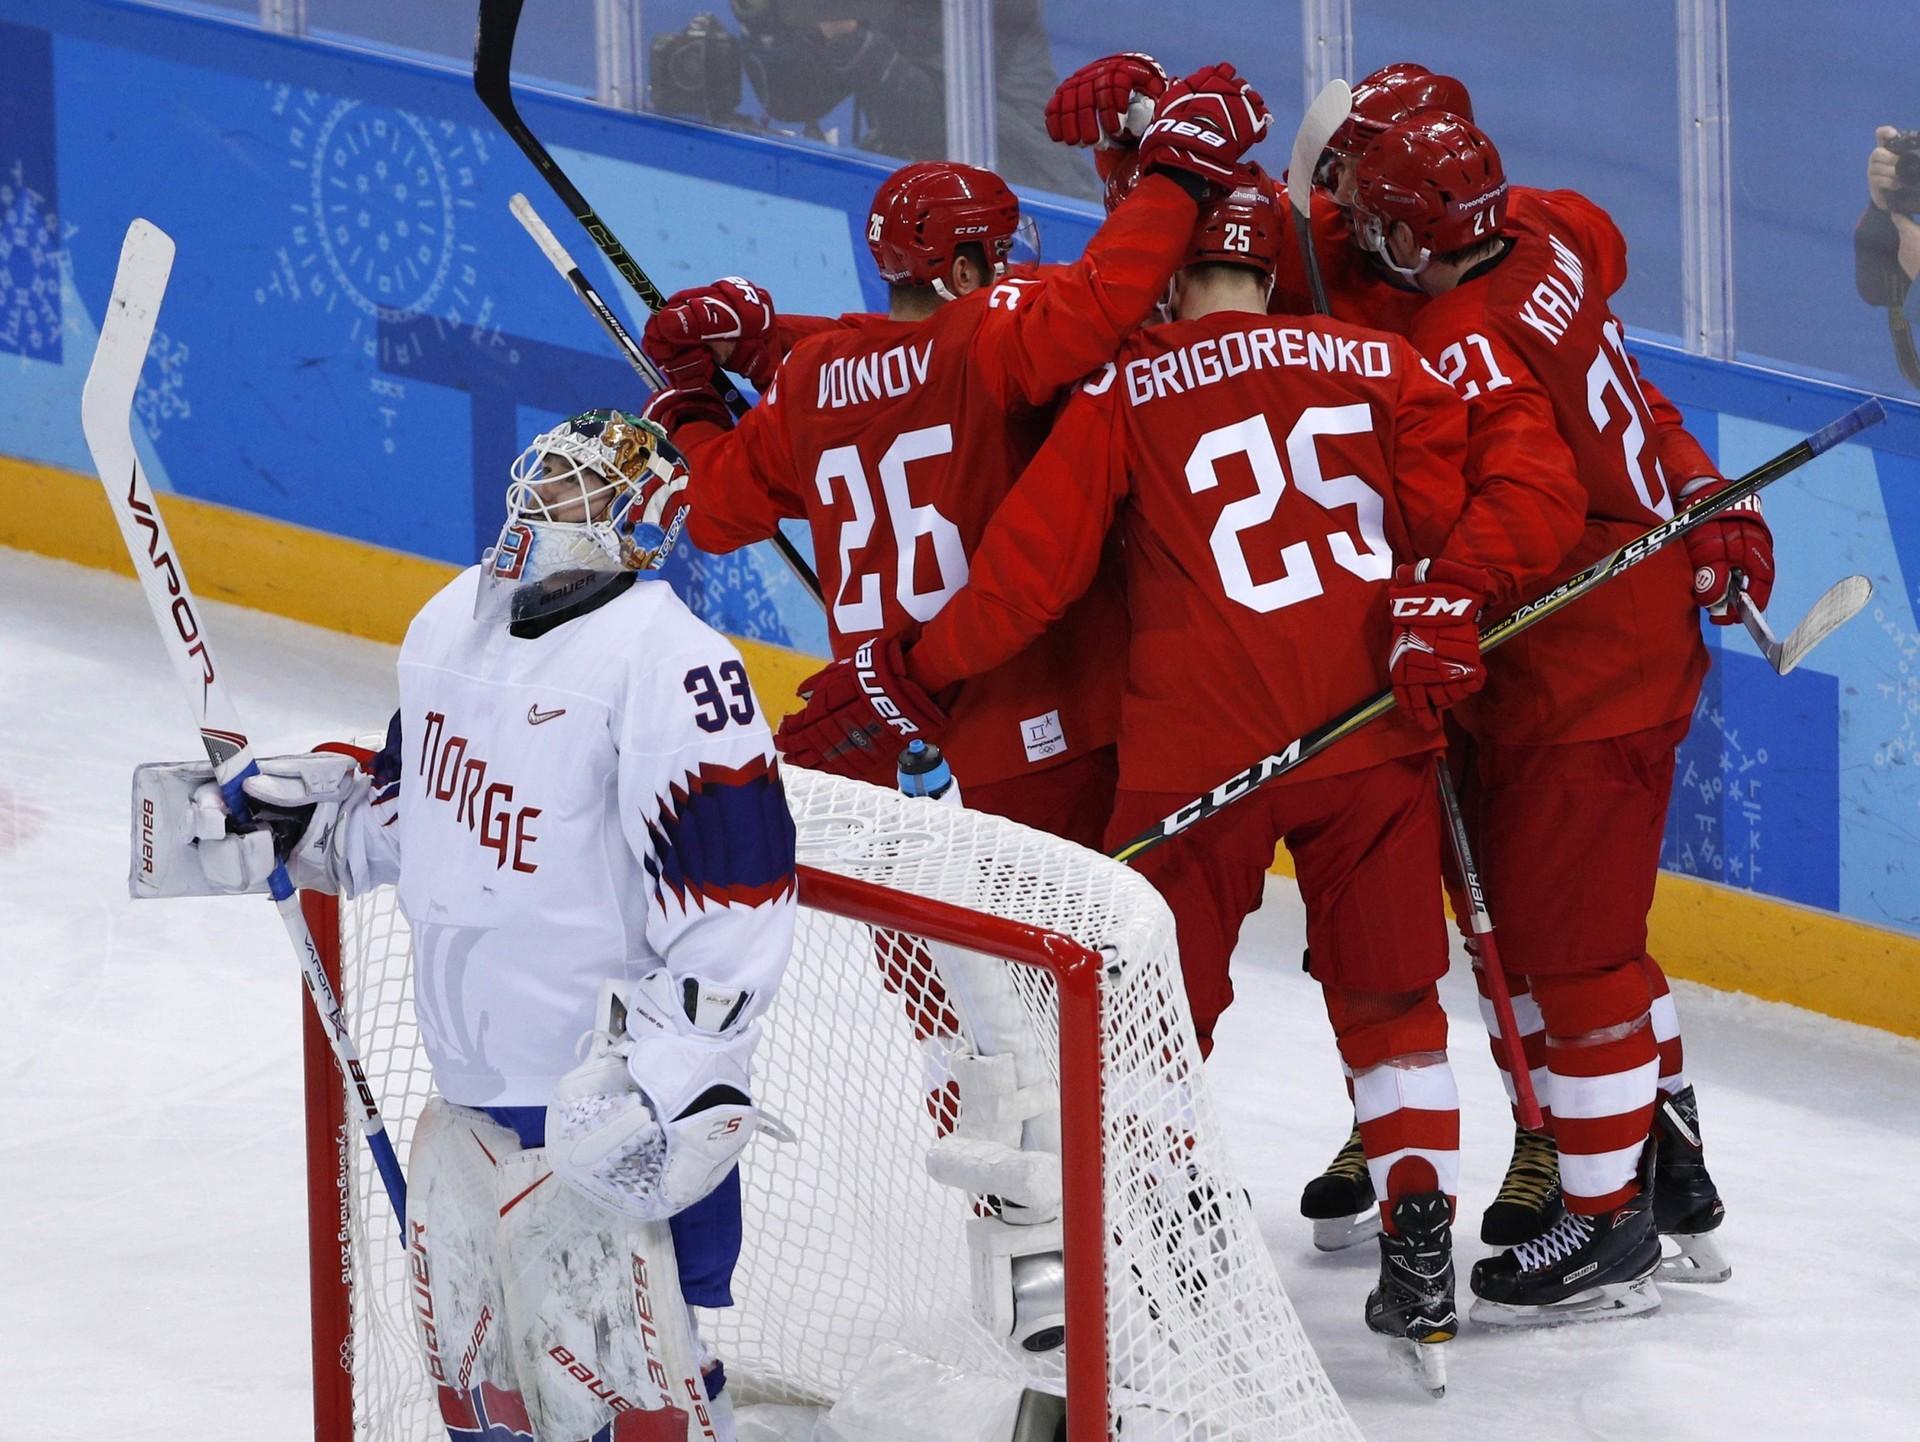 Les joueurs russes atteignent la finale en hockey masculin à Pyeongchang